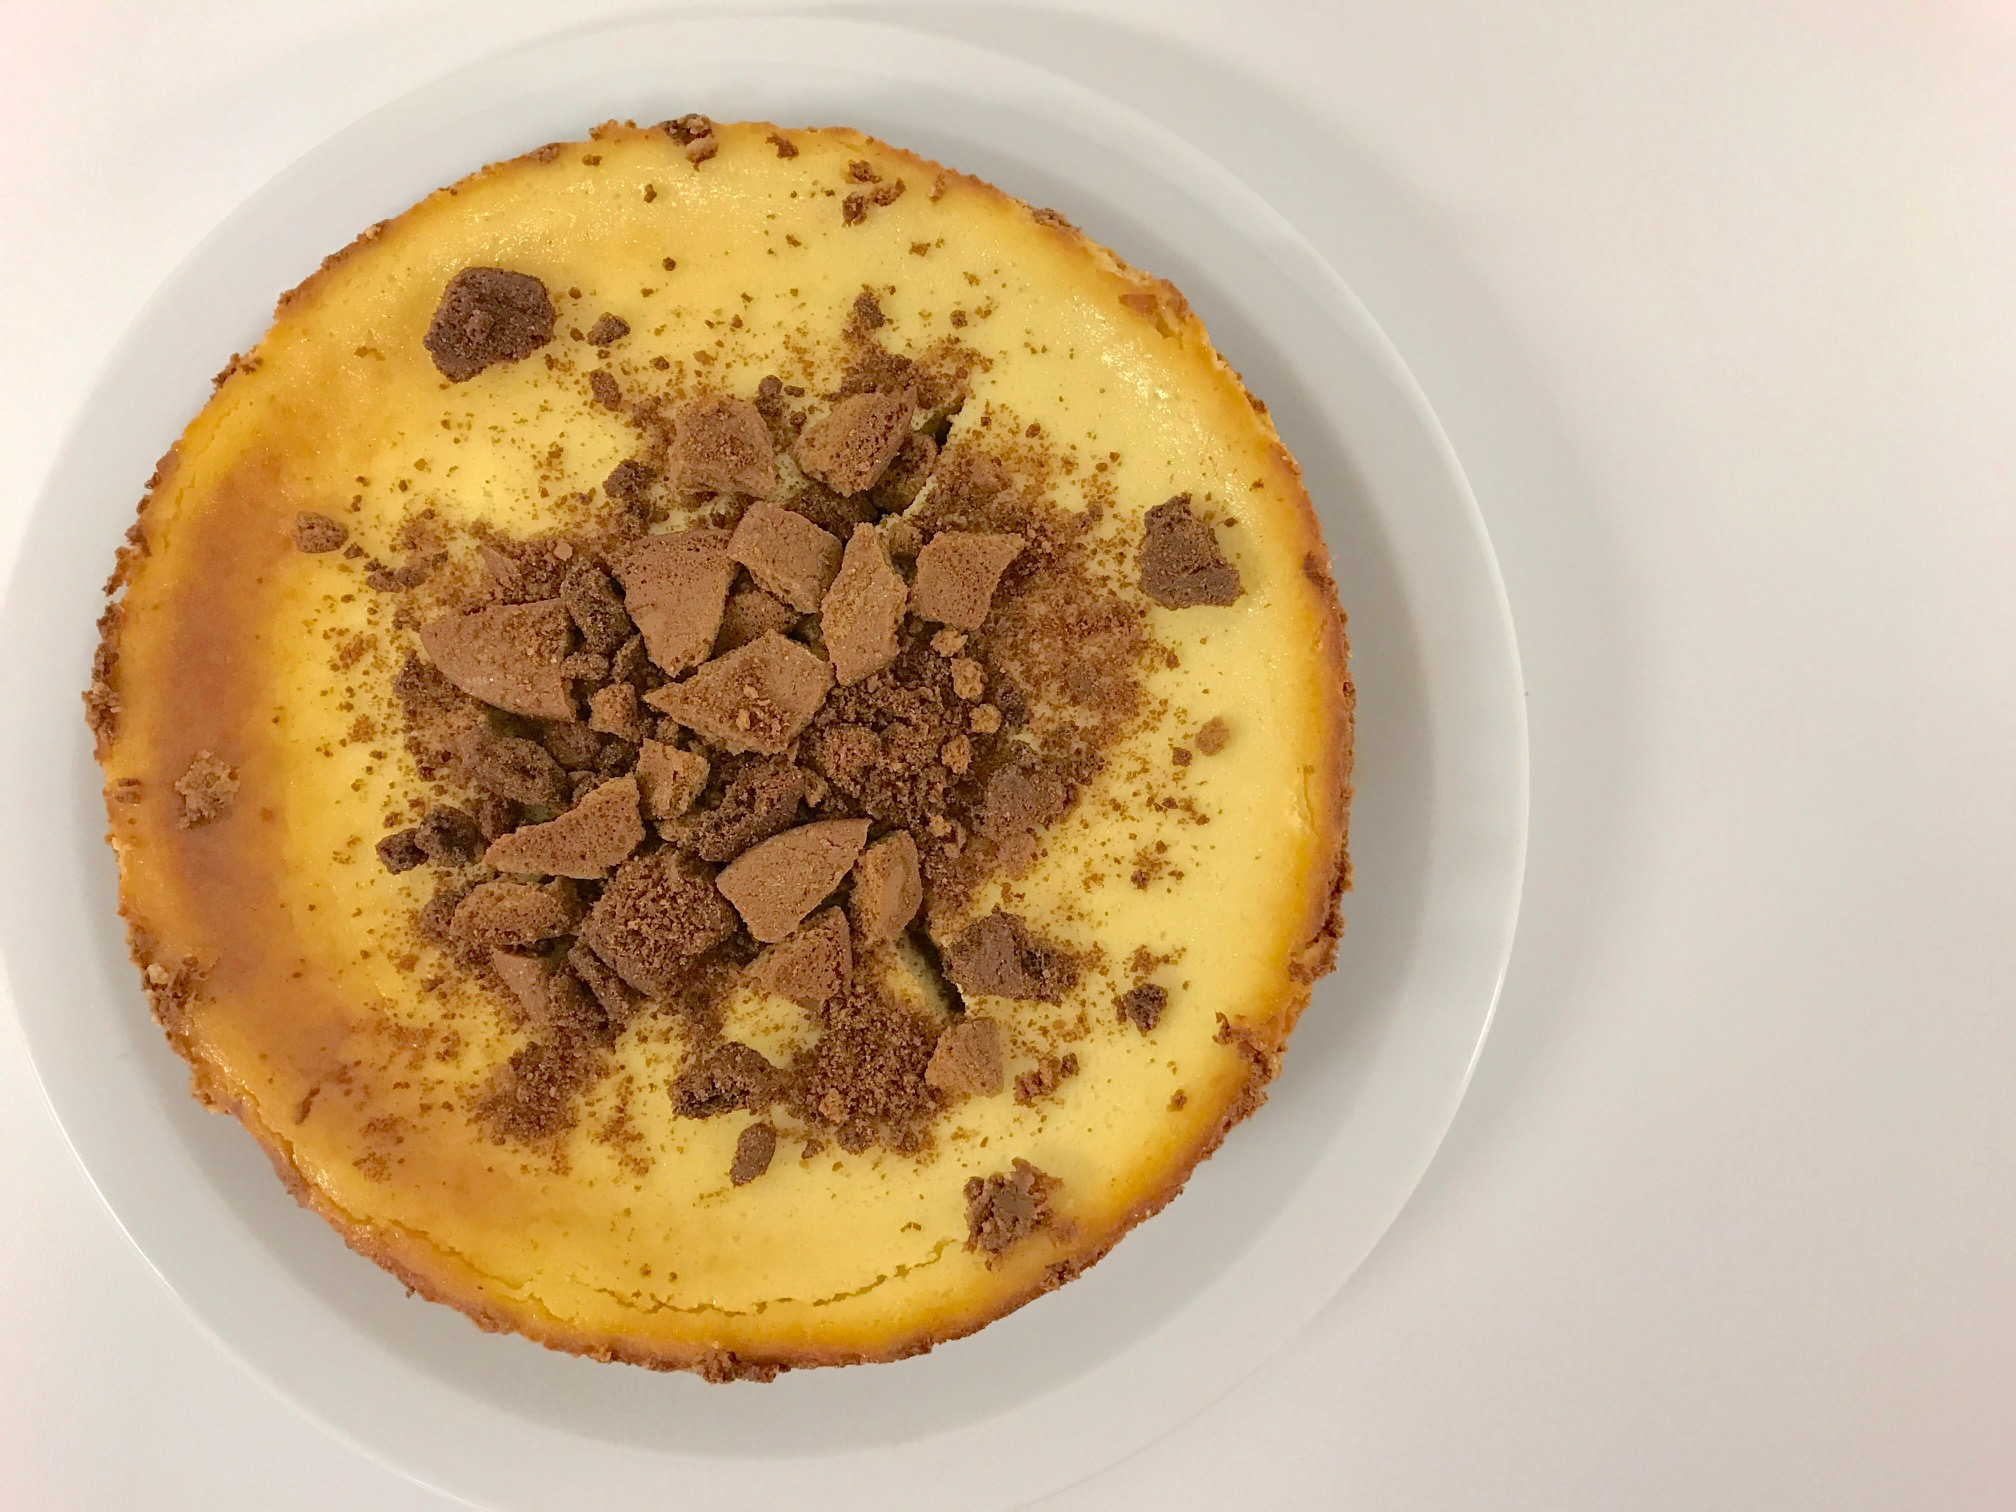 Baked Eggnog Cheesecake